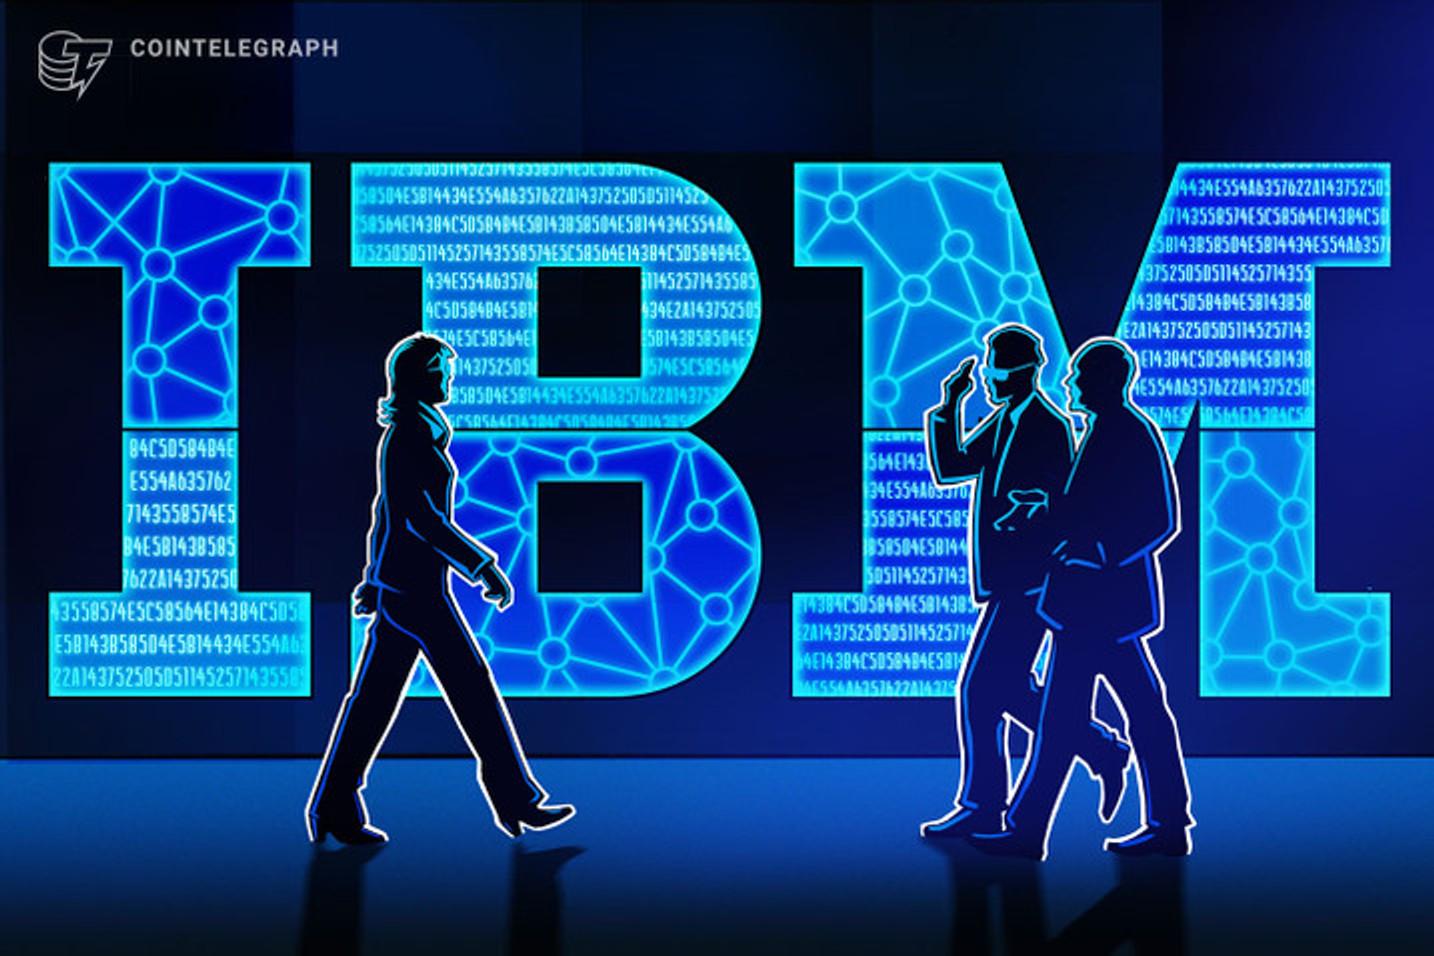 IBM anunció servicios que incluyen criptografía cuántica